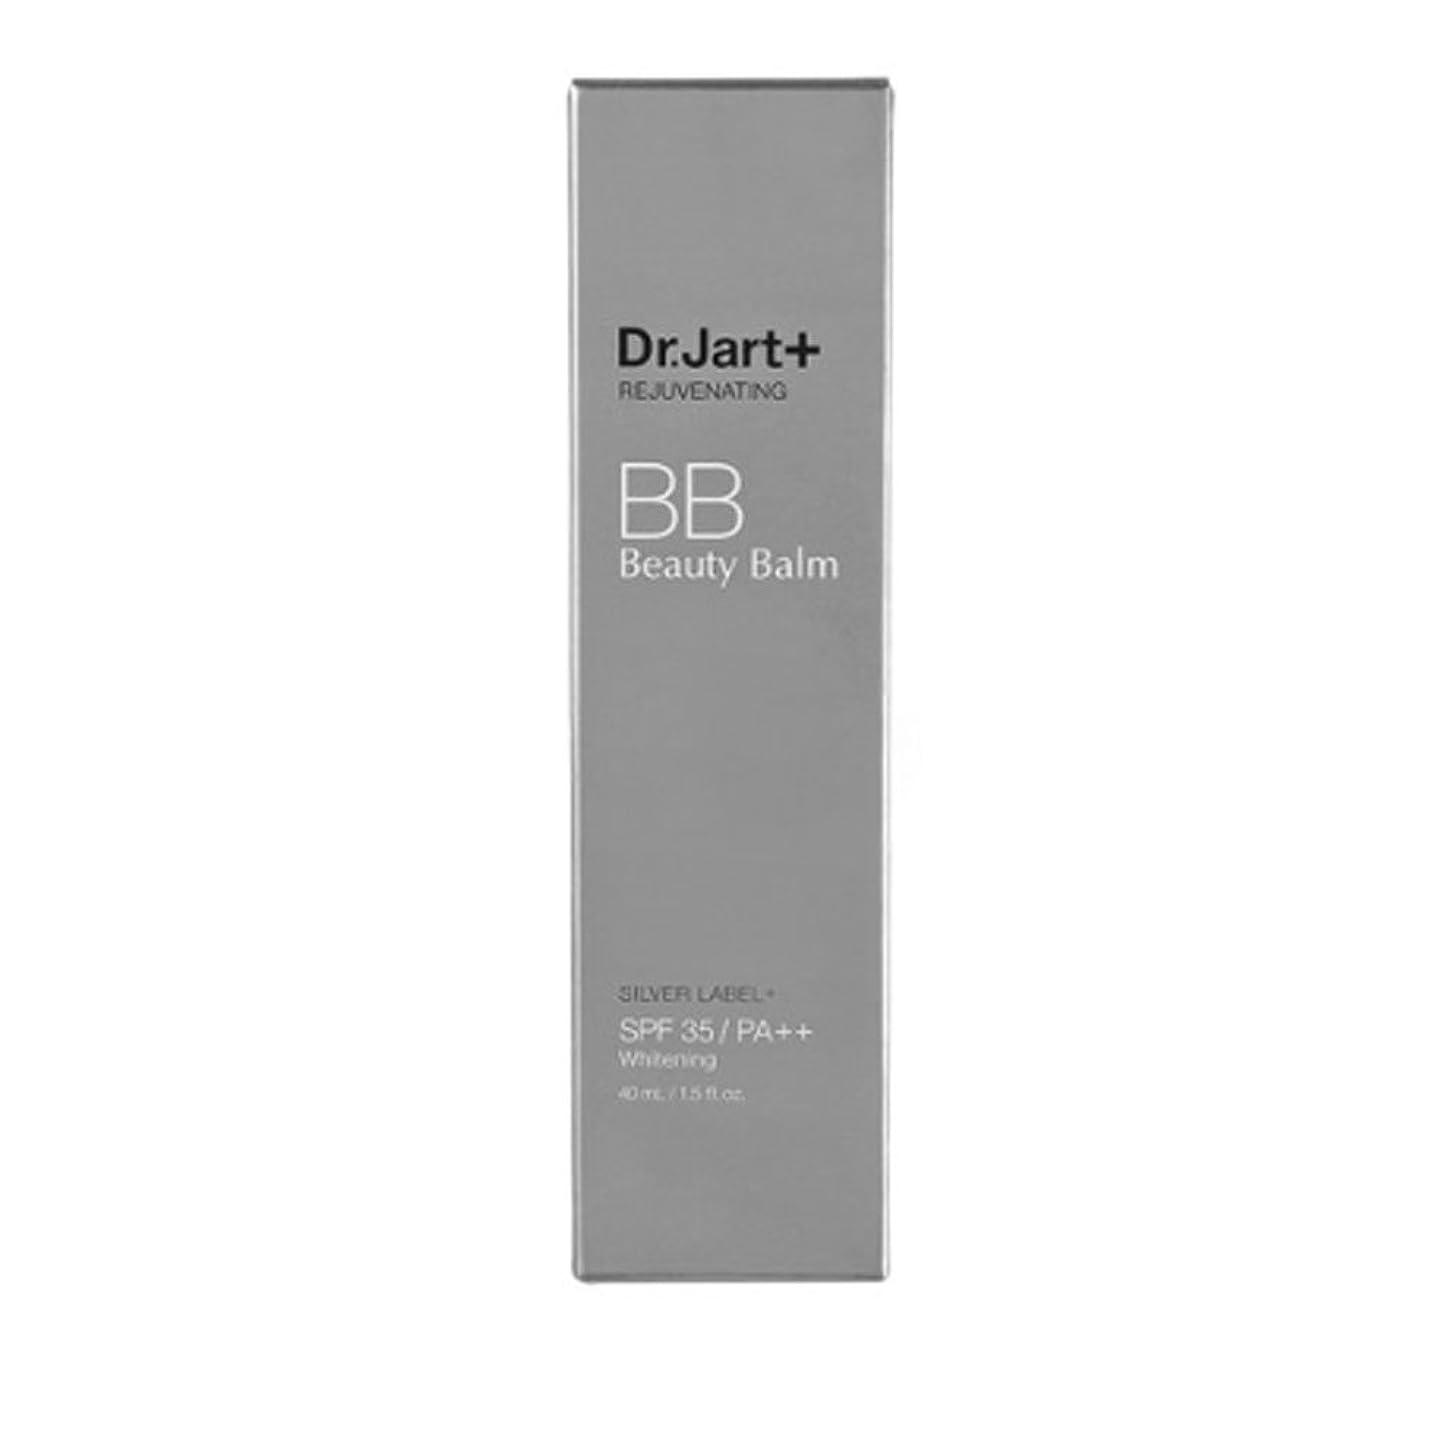 懇願する虐待間隔ドクタージャルトゥ(Dr.Jart+) リージュビネイティンビューティーbalm 40ml x 2本セットシルバーラベルBBクリーム (SPF35 / PA++)、Dr.Jart+ Rejuvenating Beauty Balm 40ml x 2ea Set Silver Label BB Cream (SPF35 / PA++) [並行輸入品]